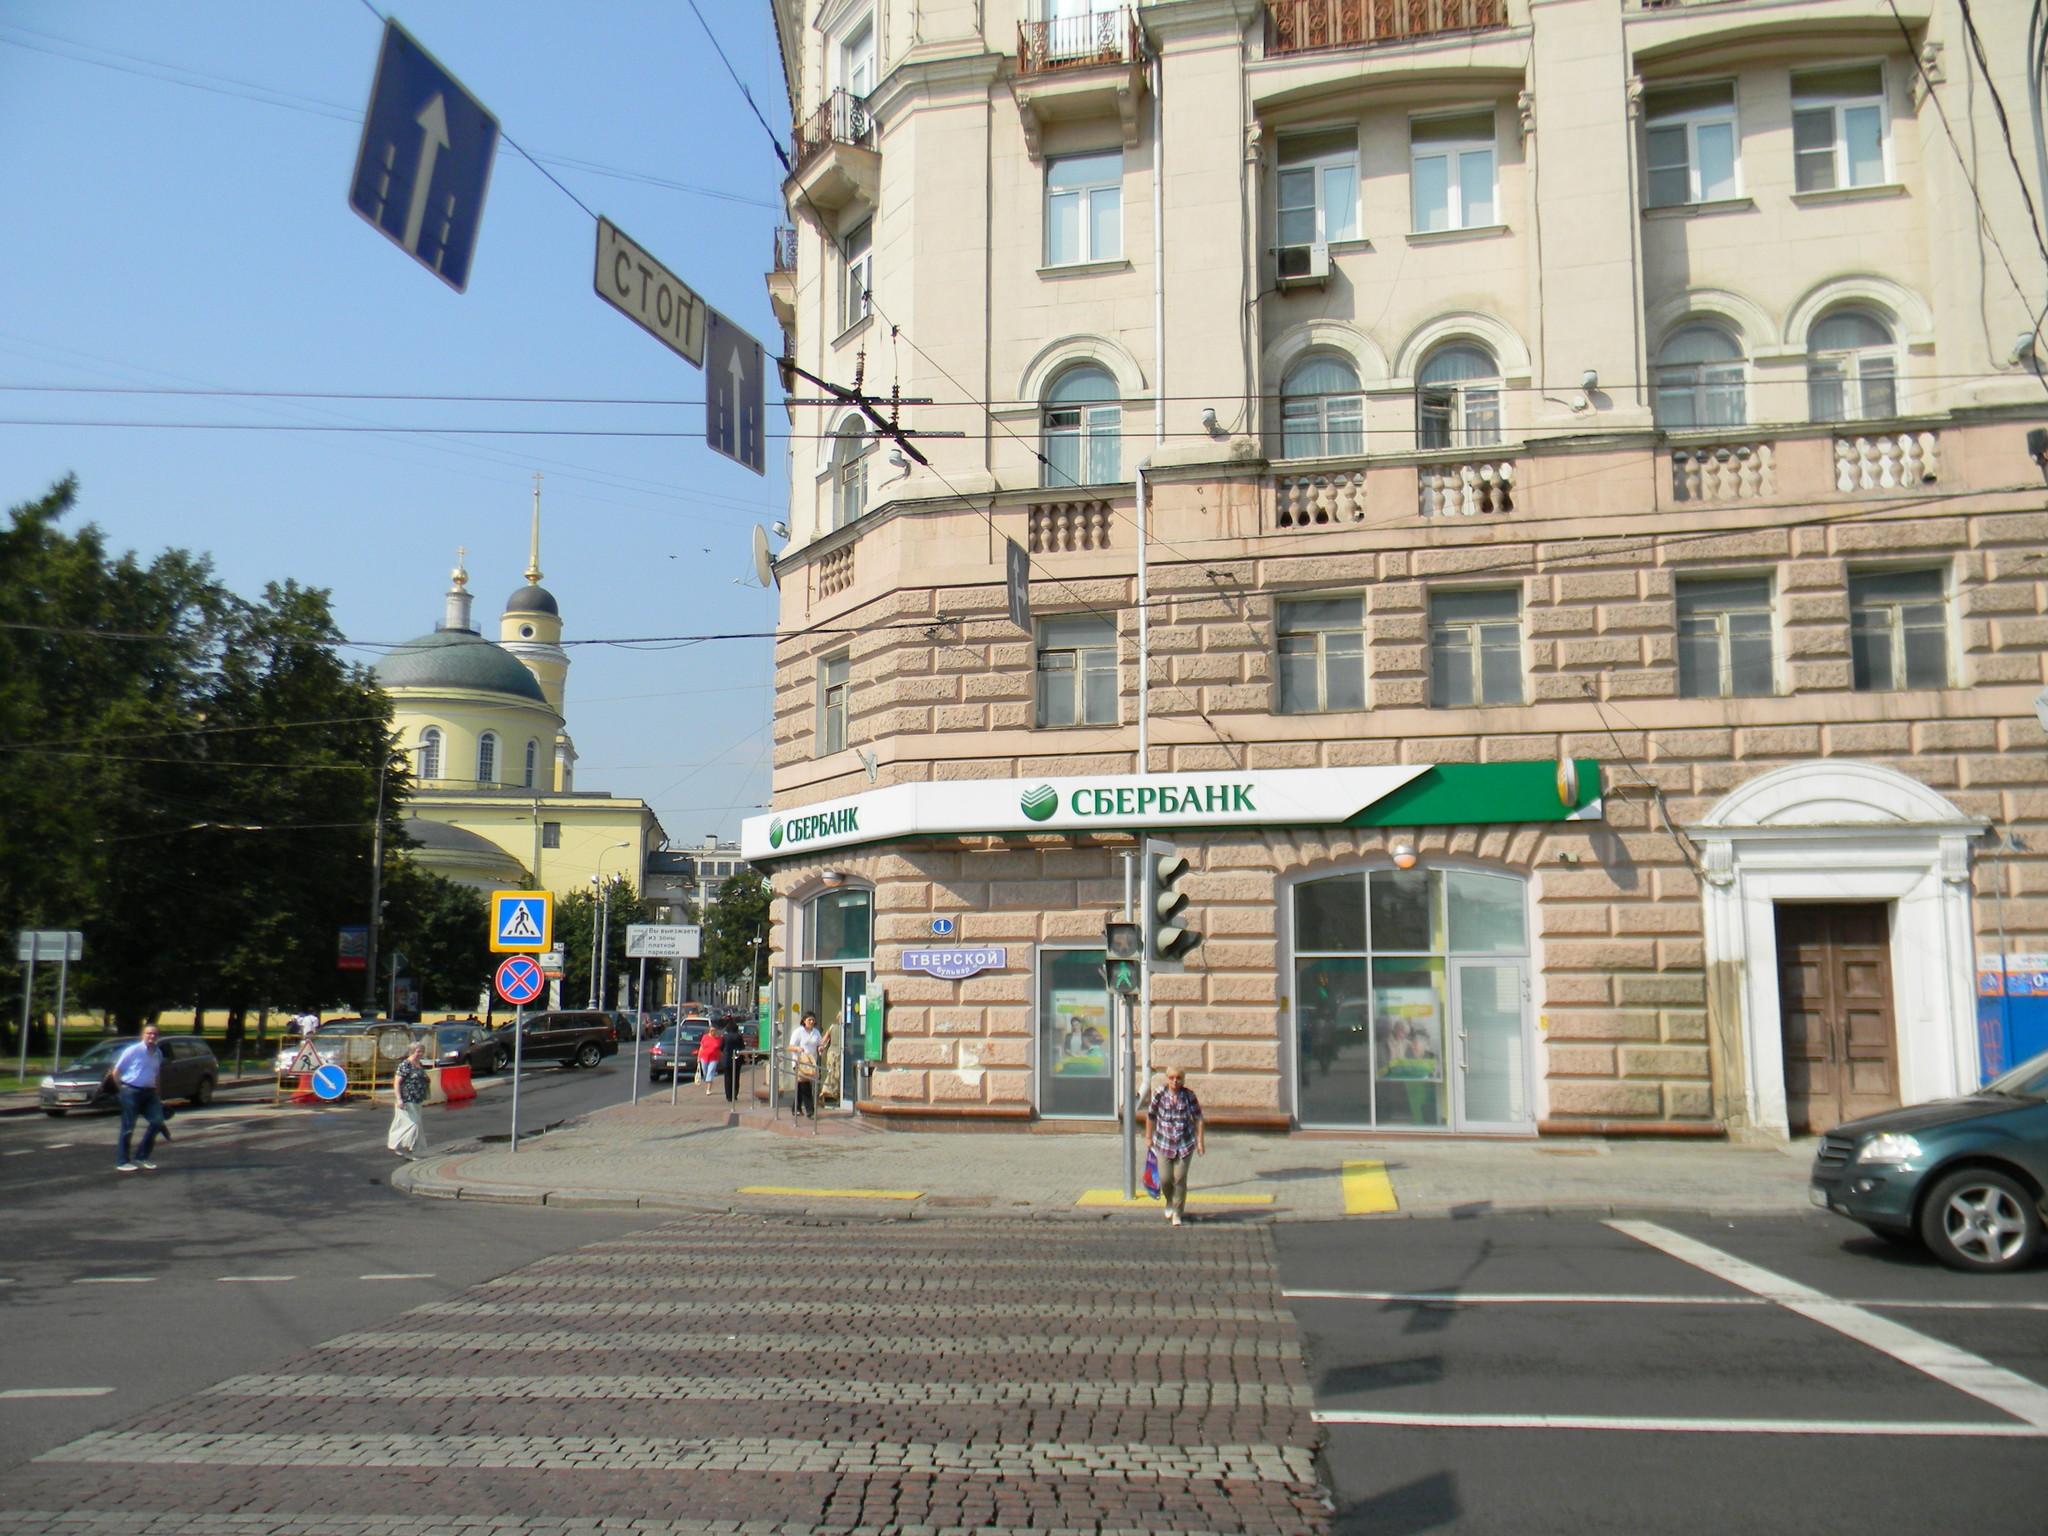 Тверской бульвар, дом 1